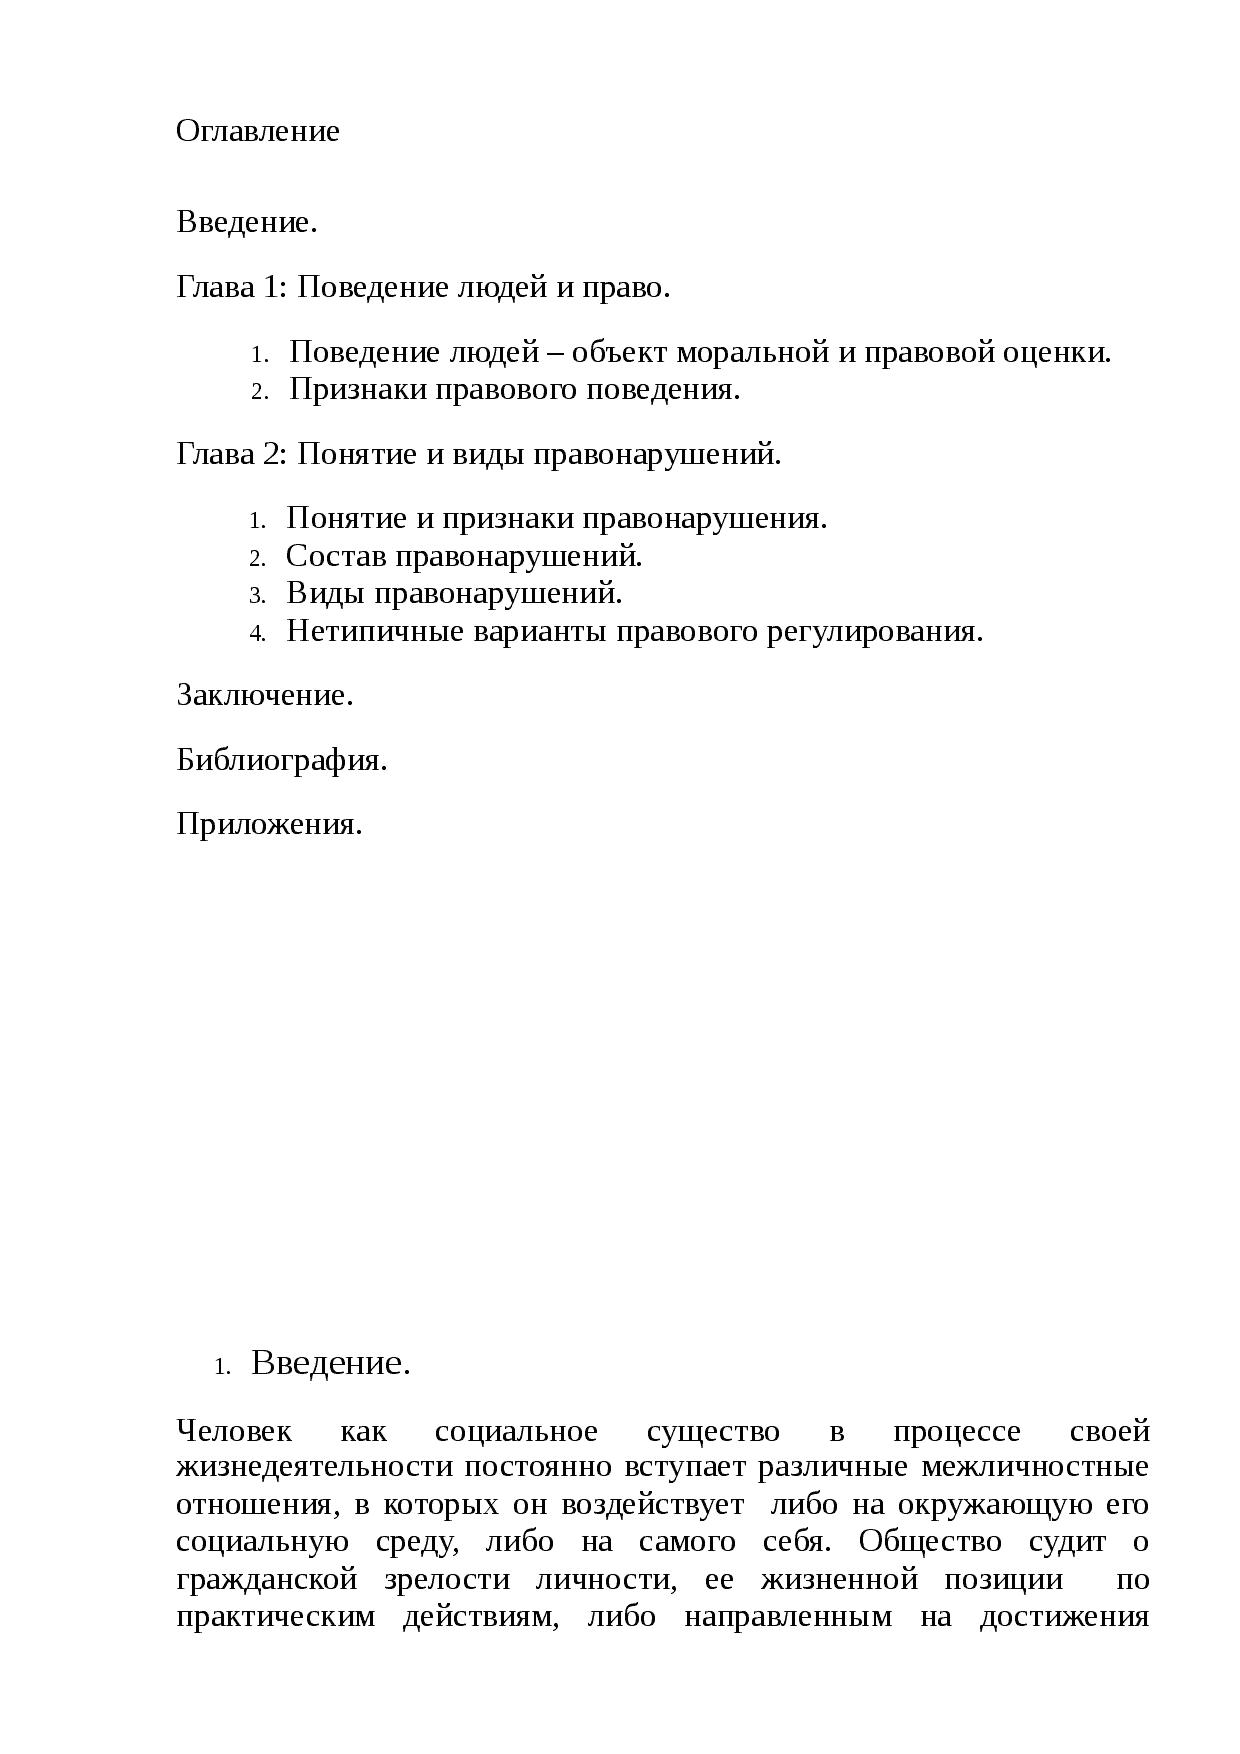 Правонарушение: структура, виды, понятие